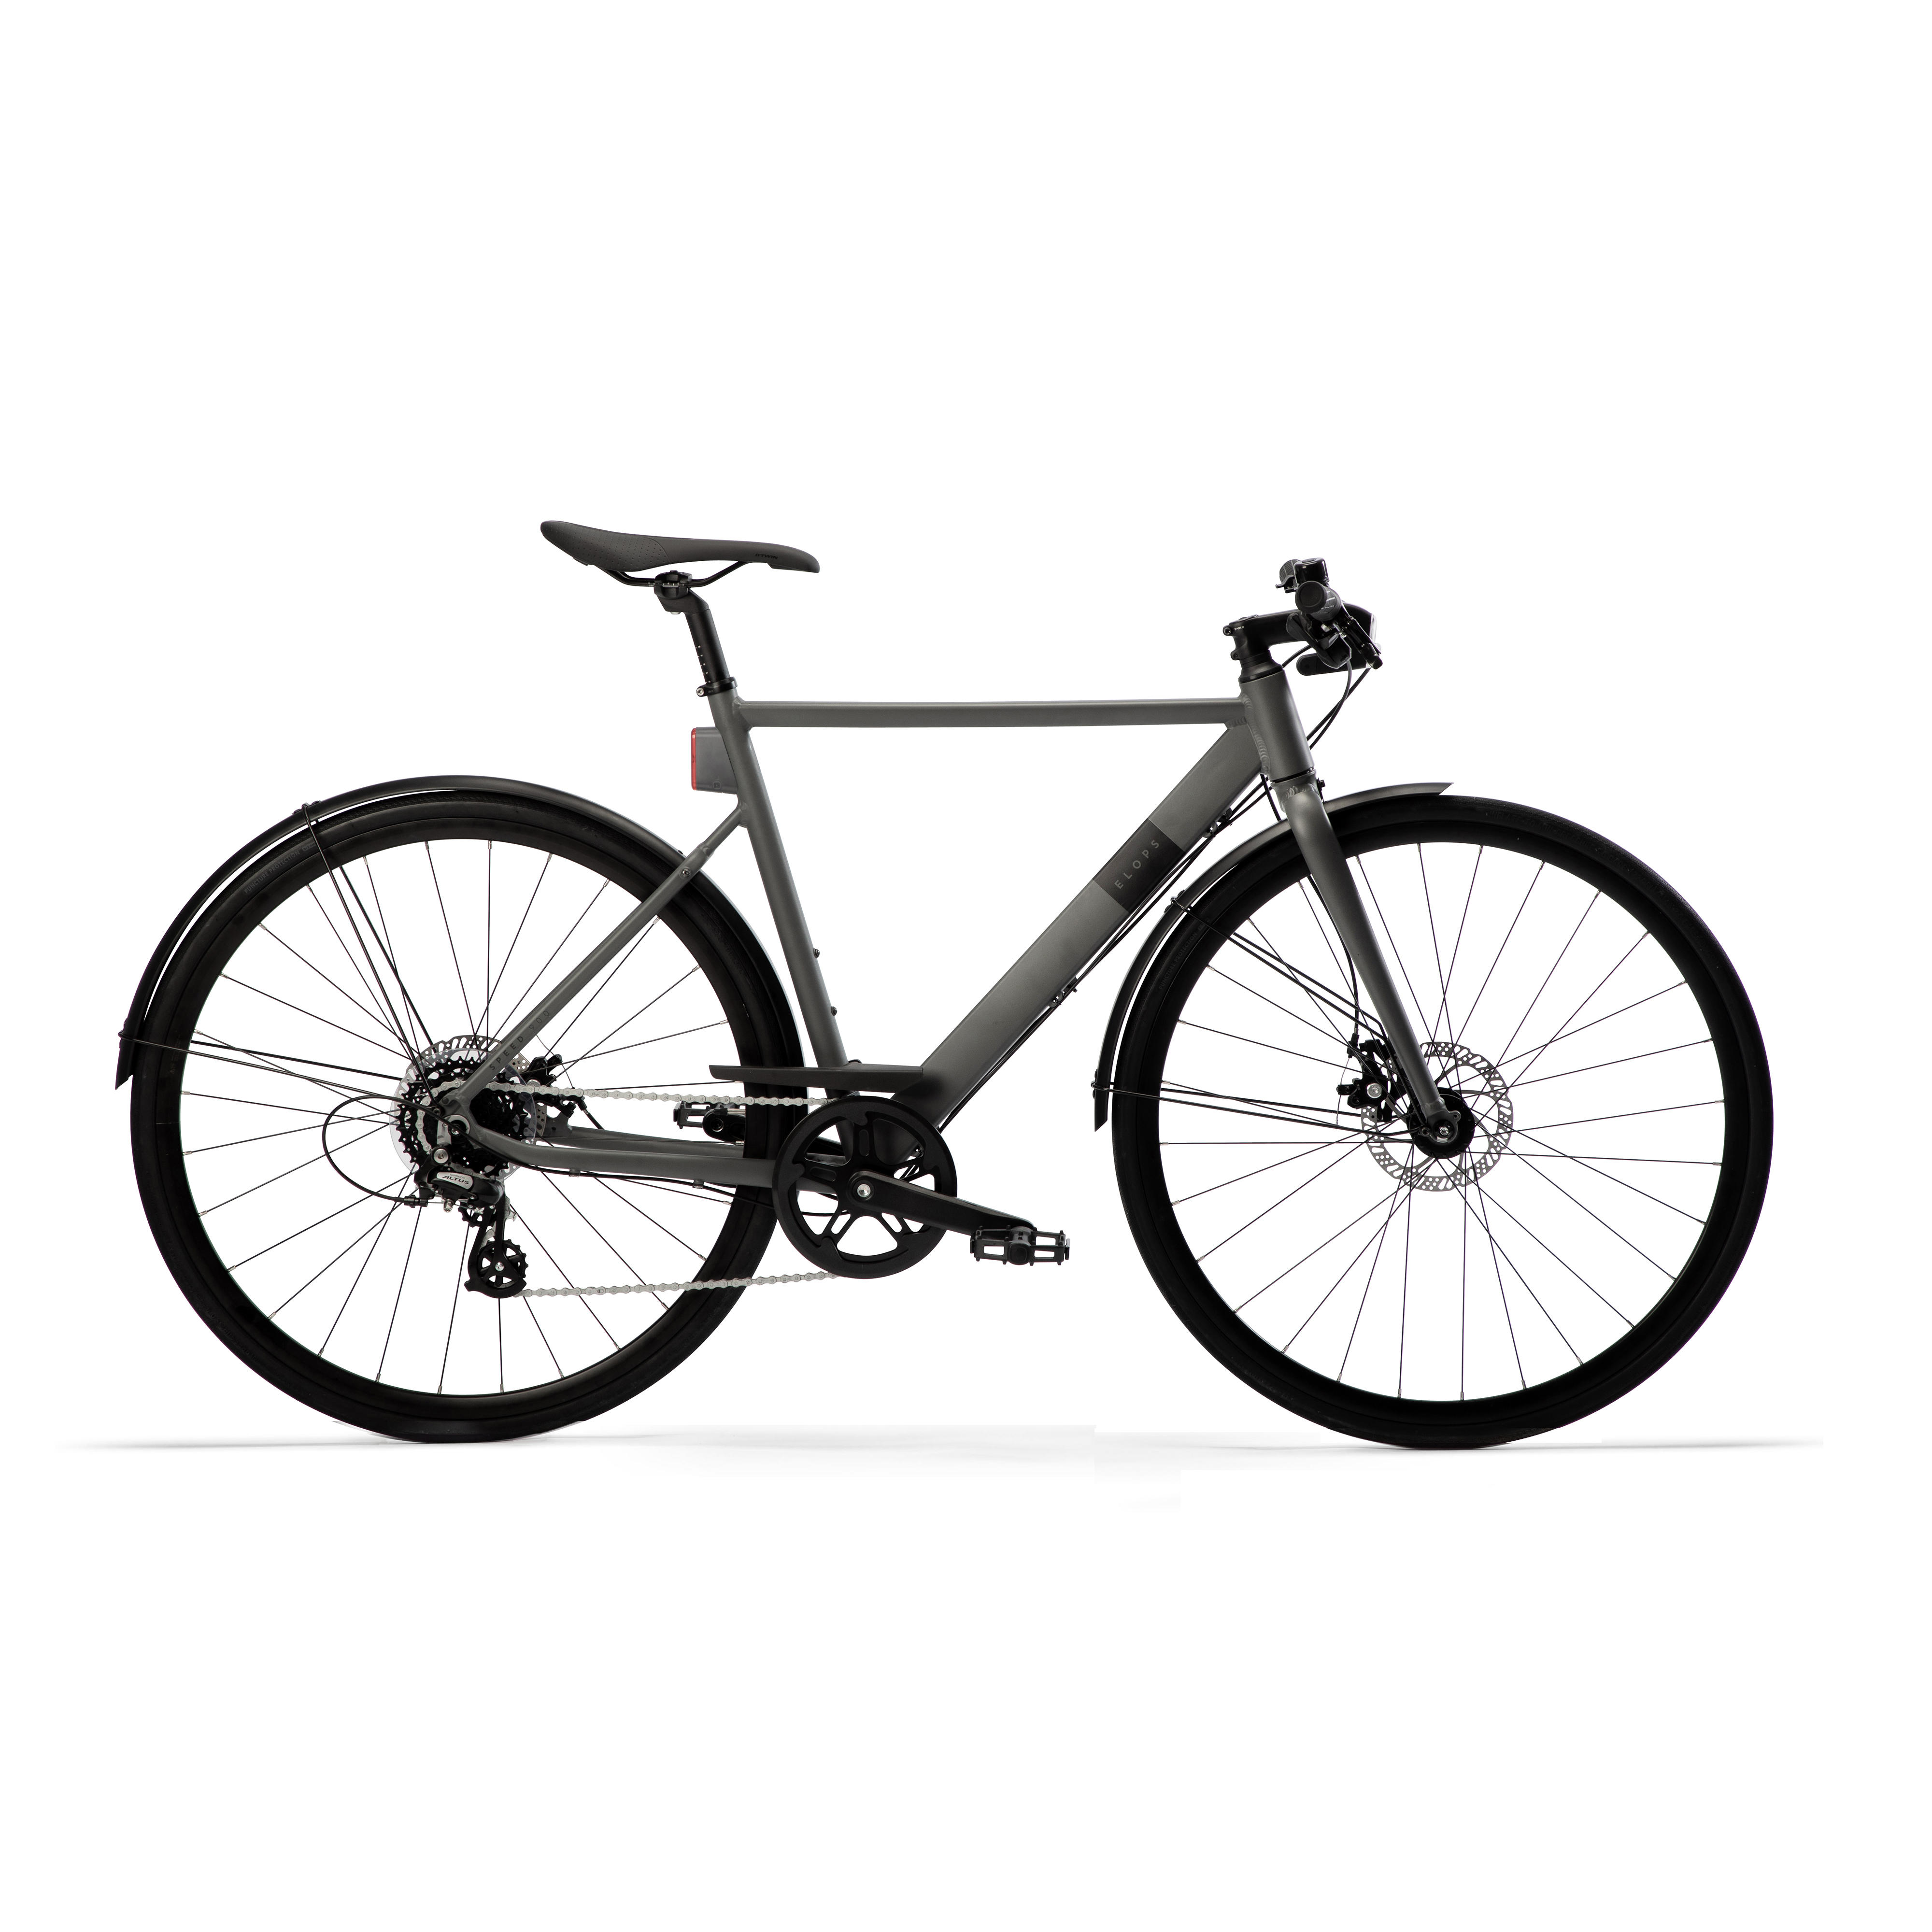 Bicicletă Oraş Elops 900 Gri imagine